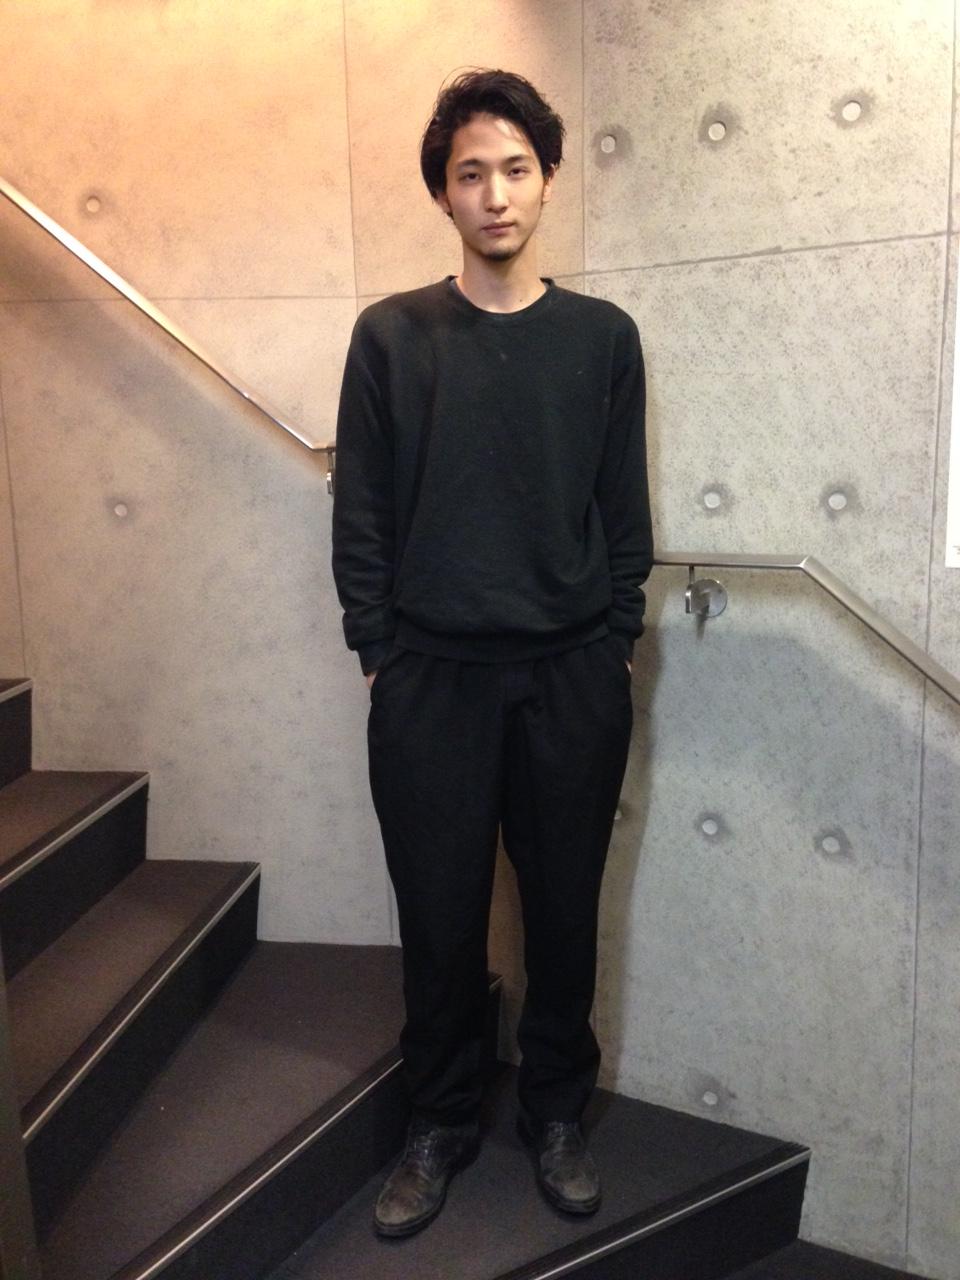 米倉強太 2015.06.17; 20150504_yonekura_gota